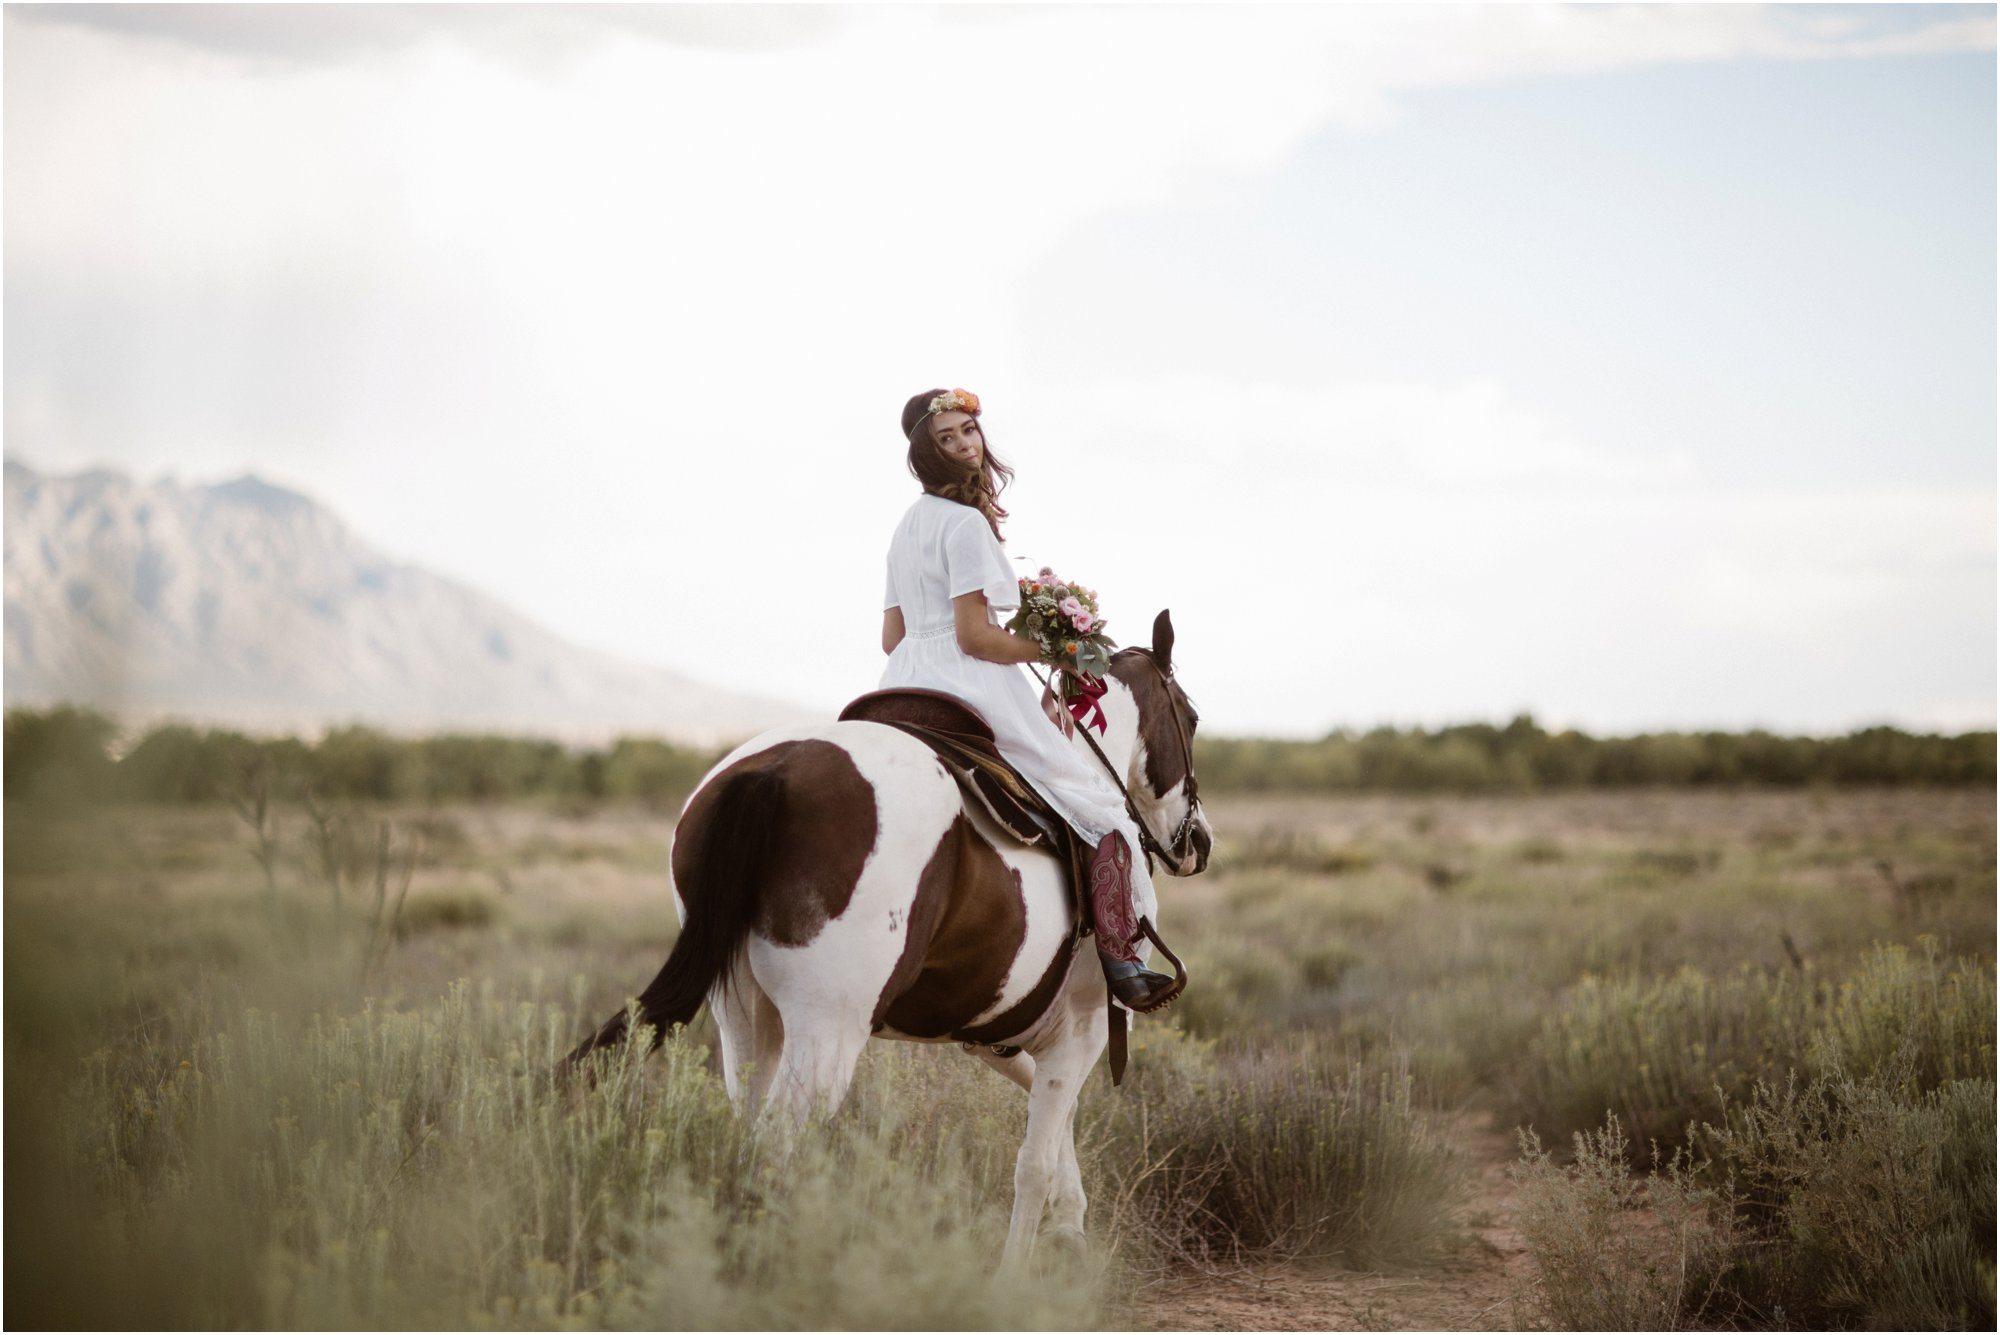 021Blue Rose Photography_ Albuquerque Portrait Photographer_ Fine Art Portraits_ Santa Fe Photographer